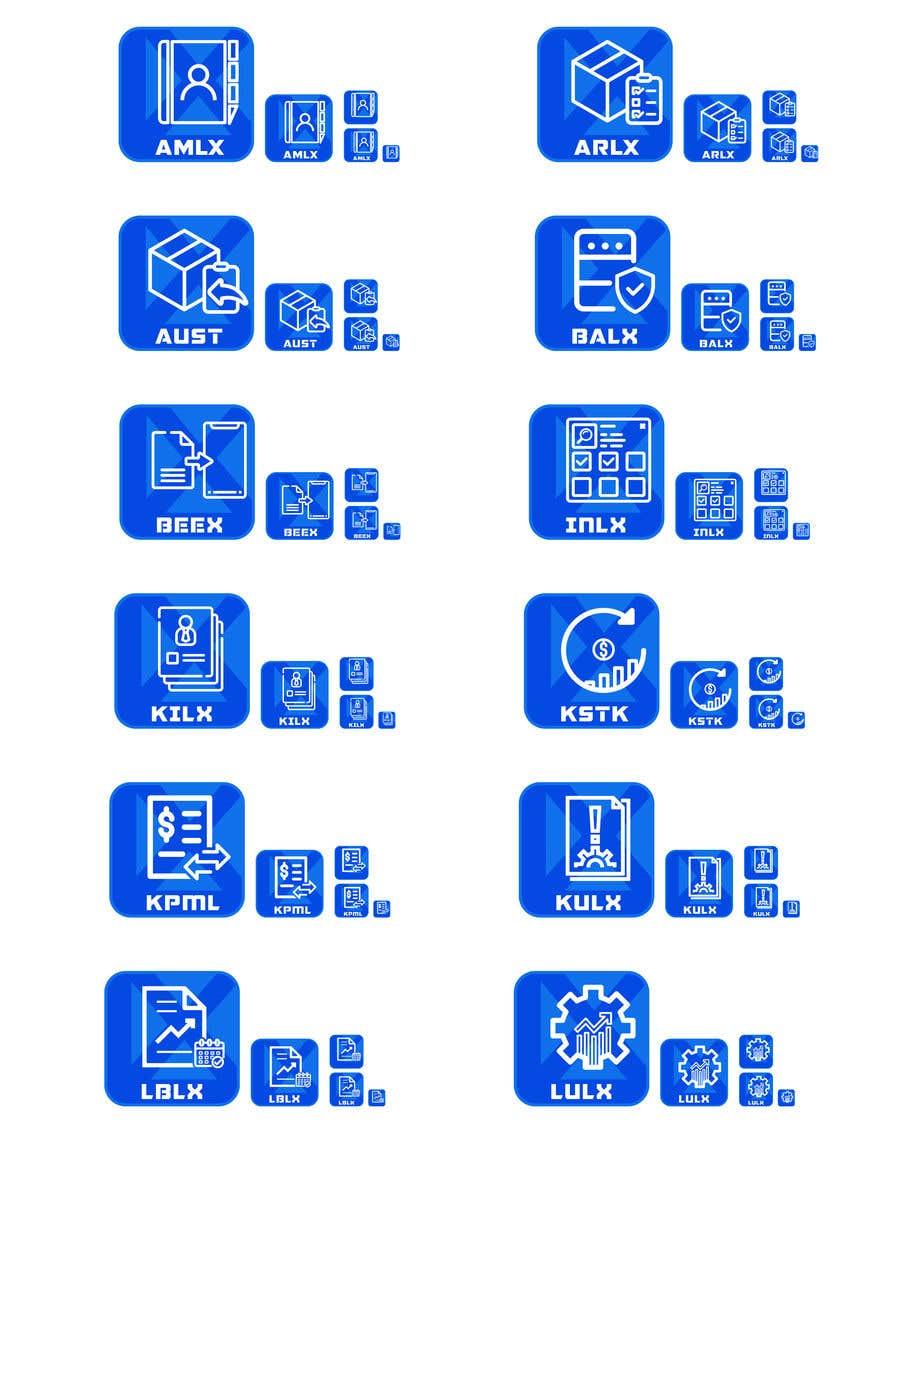 Penyertaan Peraduan #                                        103                                      untuk                                         Create a set of icons for windows tools